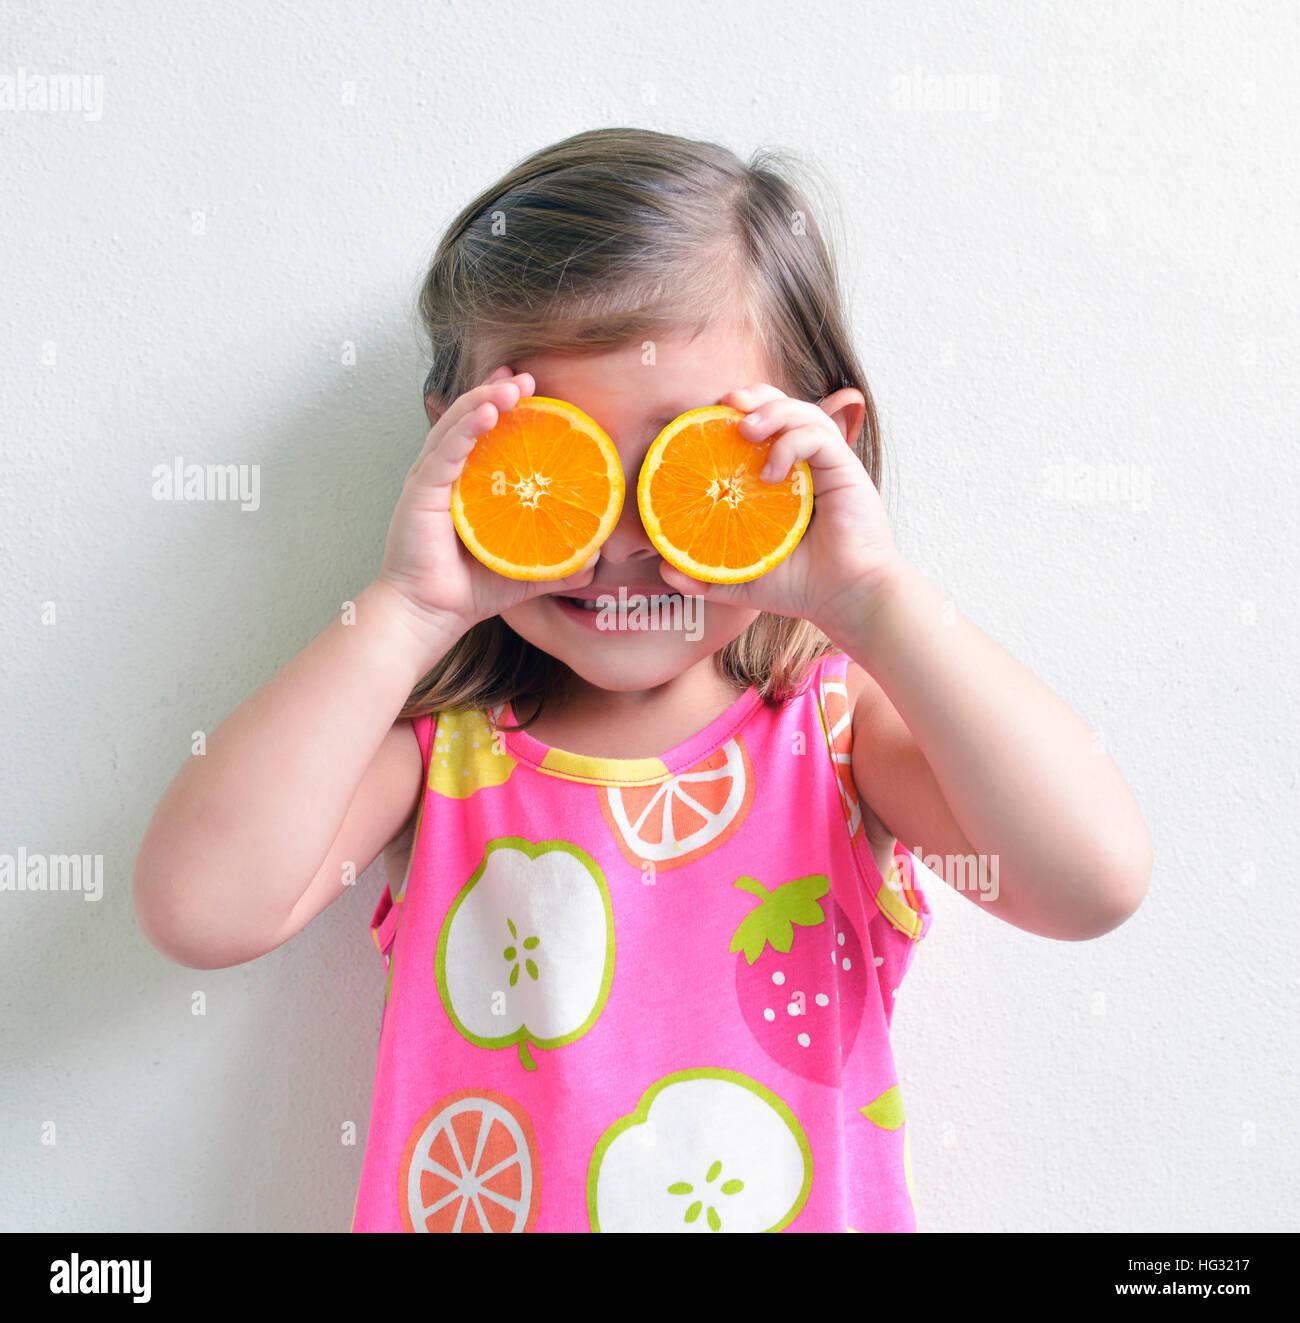 Junges Mädchen mit Orangen Scheiben über Augen Stockbild